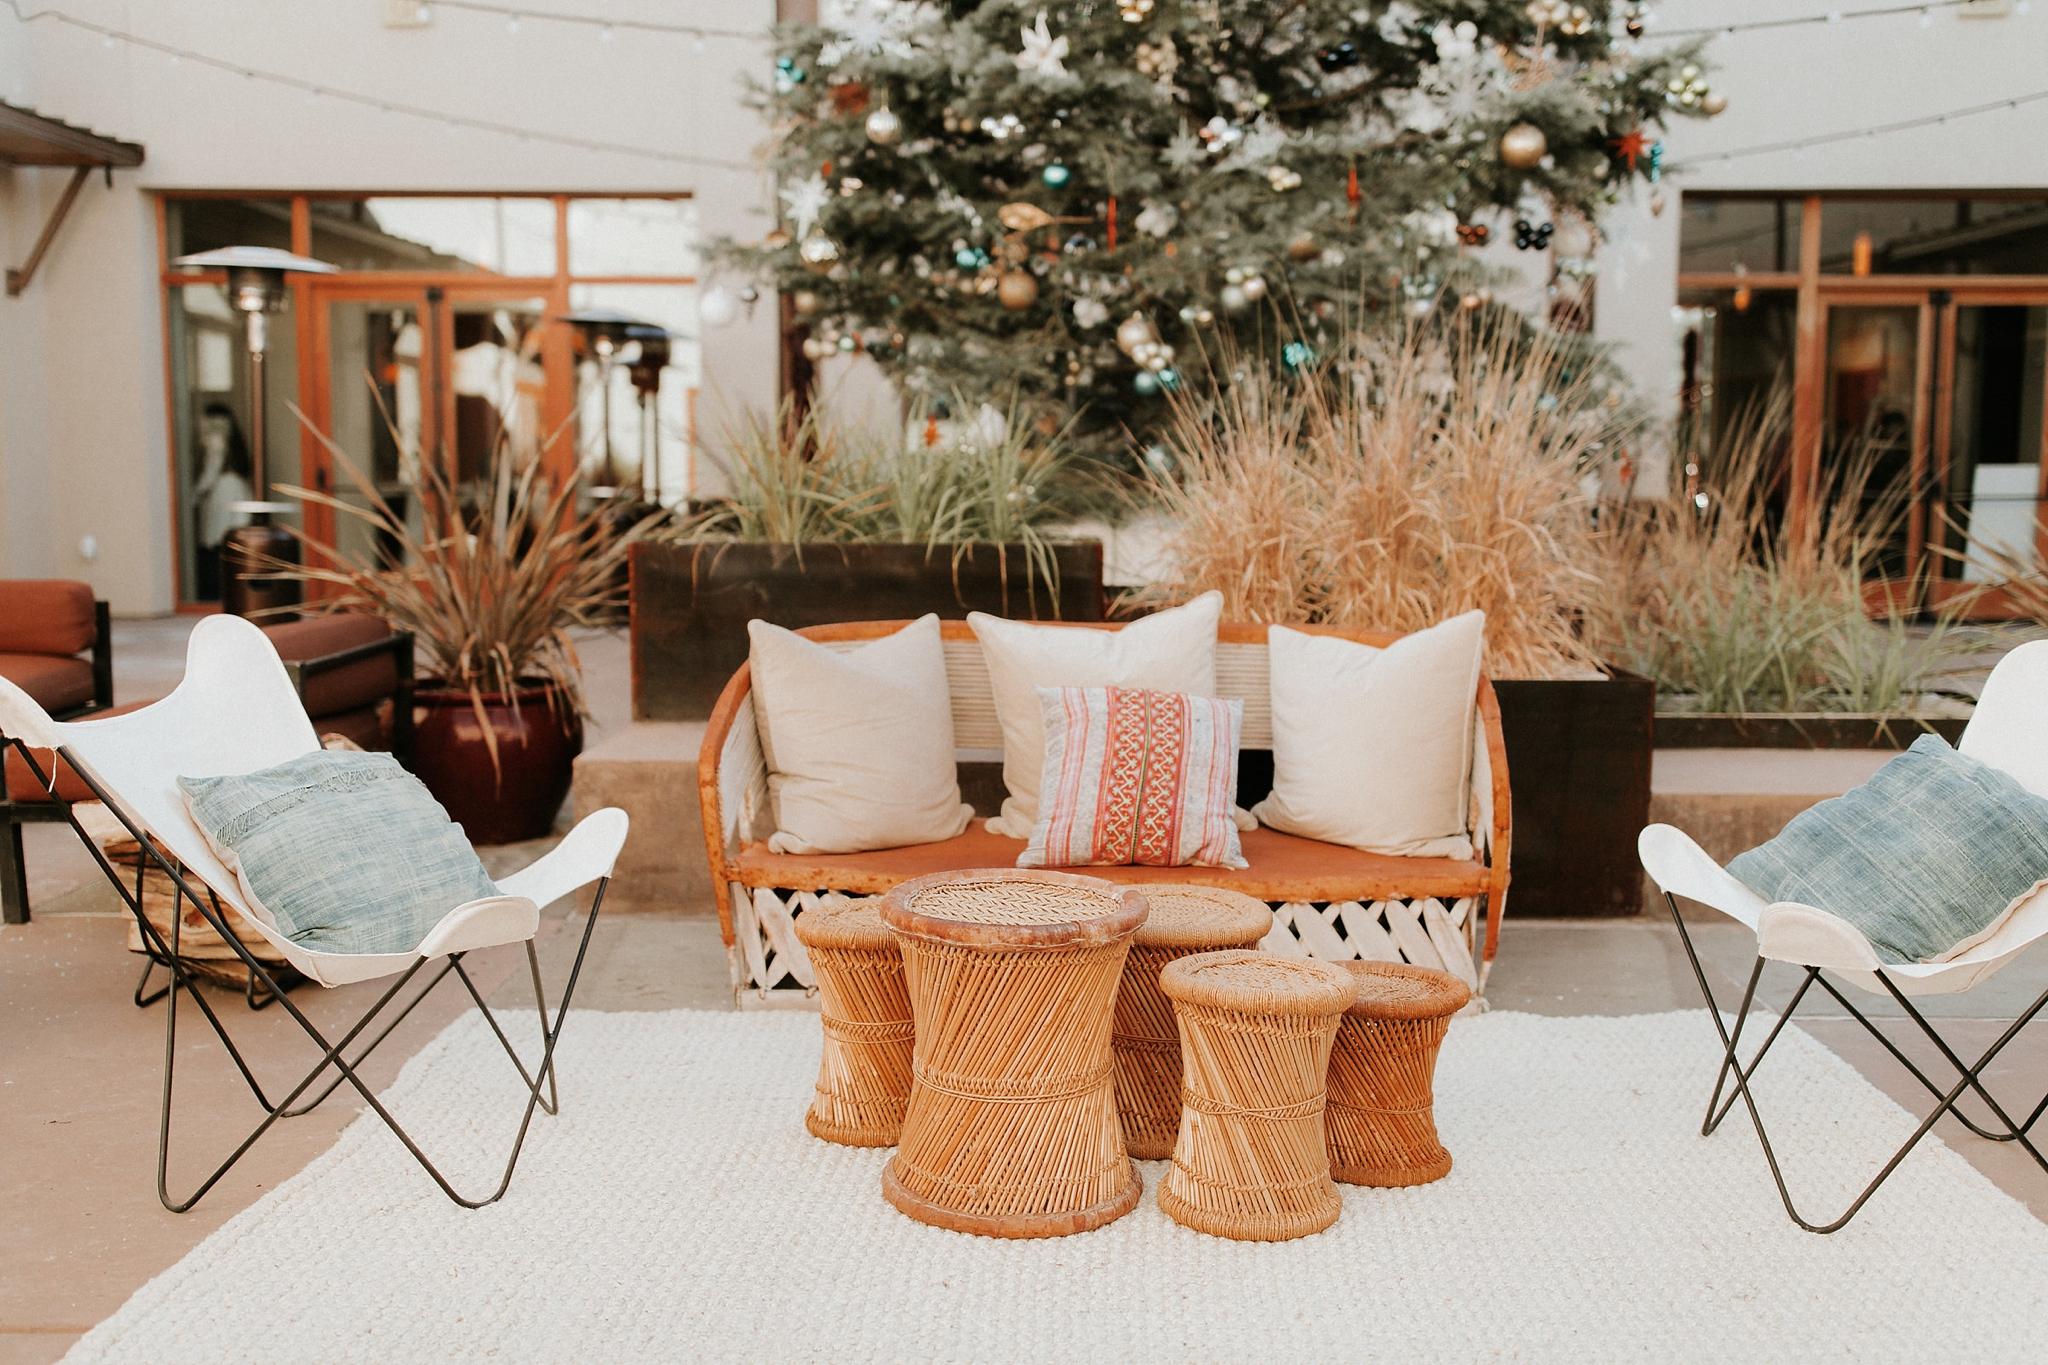 Alicia+lucia+photography+-+albuquerque+wedding+photographer+-+santa+fe+wedding+photography+-+new+mexico+wedding+photographer+-+new+mexico+wedding+-+wedding+-+winter+wedding+-+wedding+reception+-+winter+wedding+reception_0057.jpg